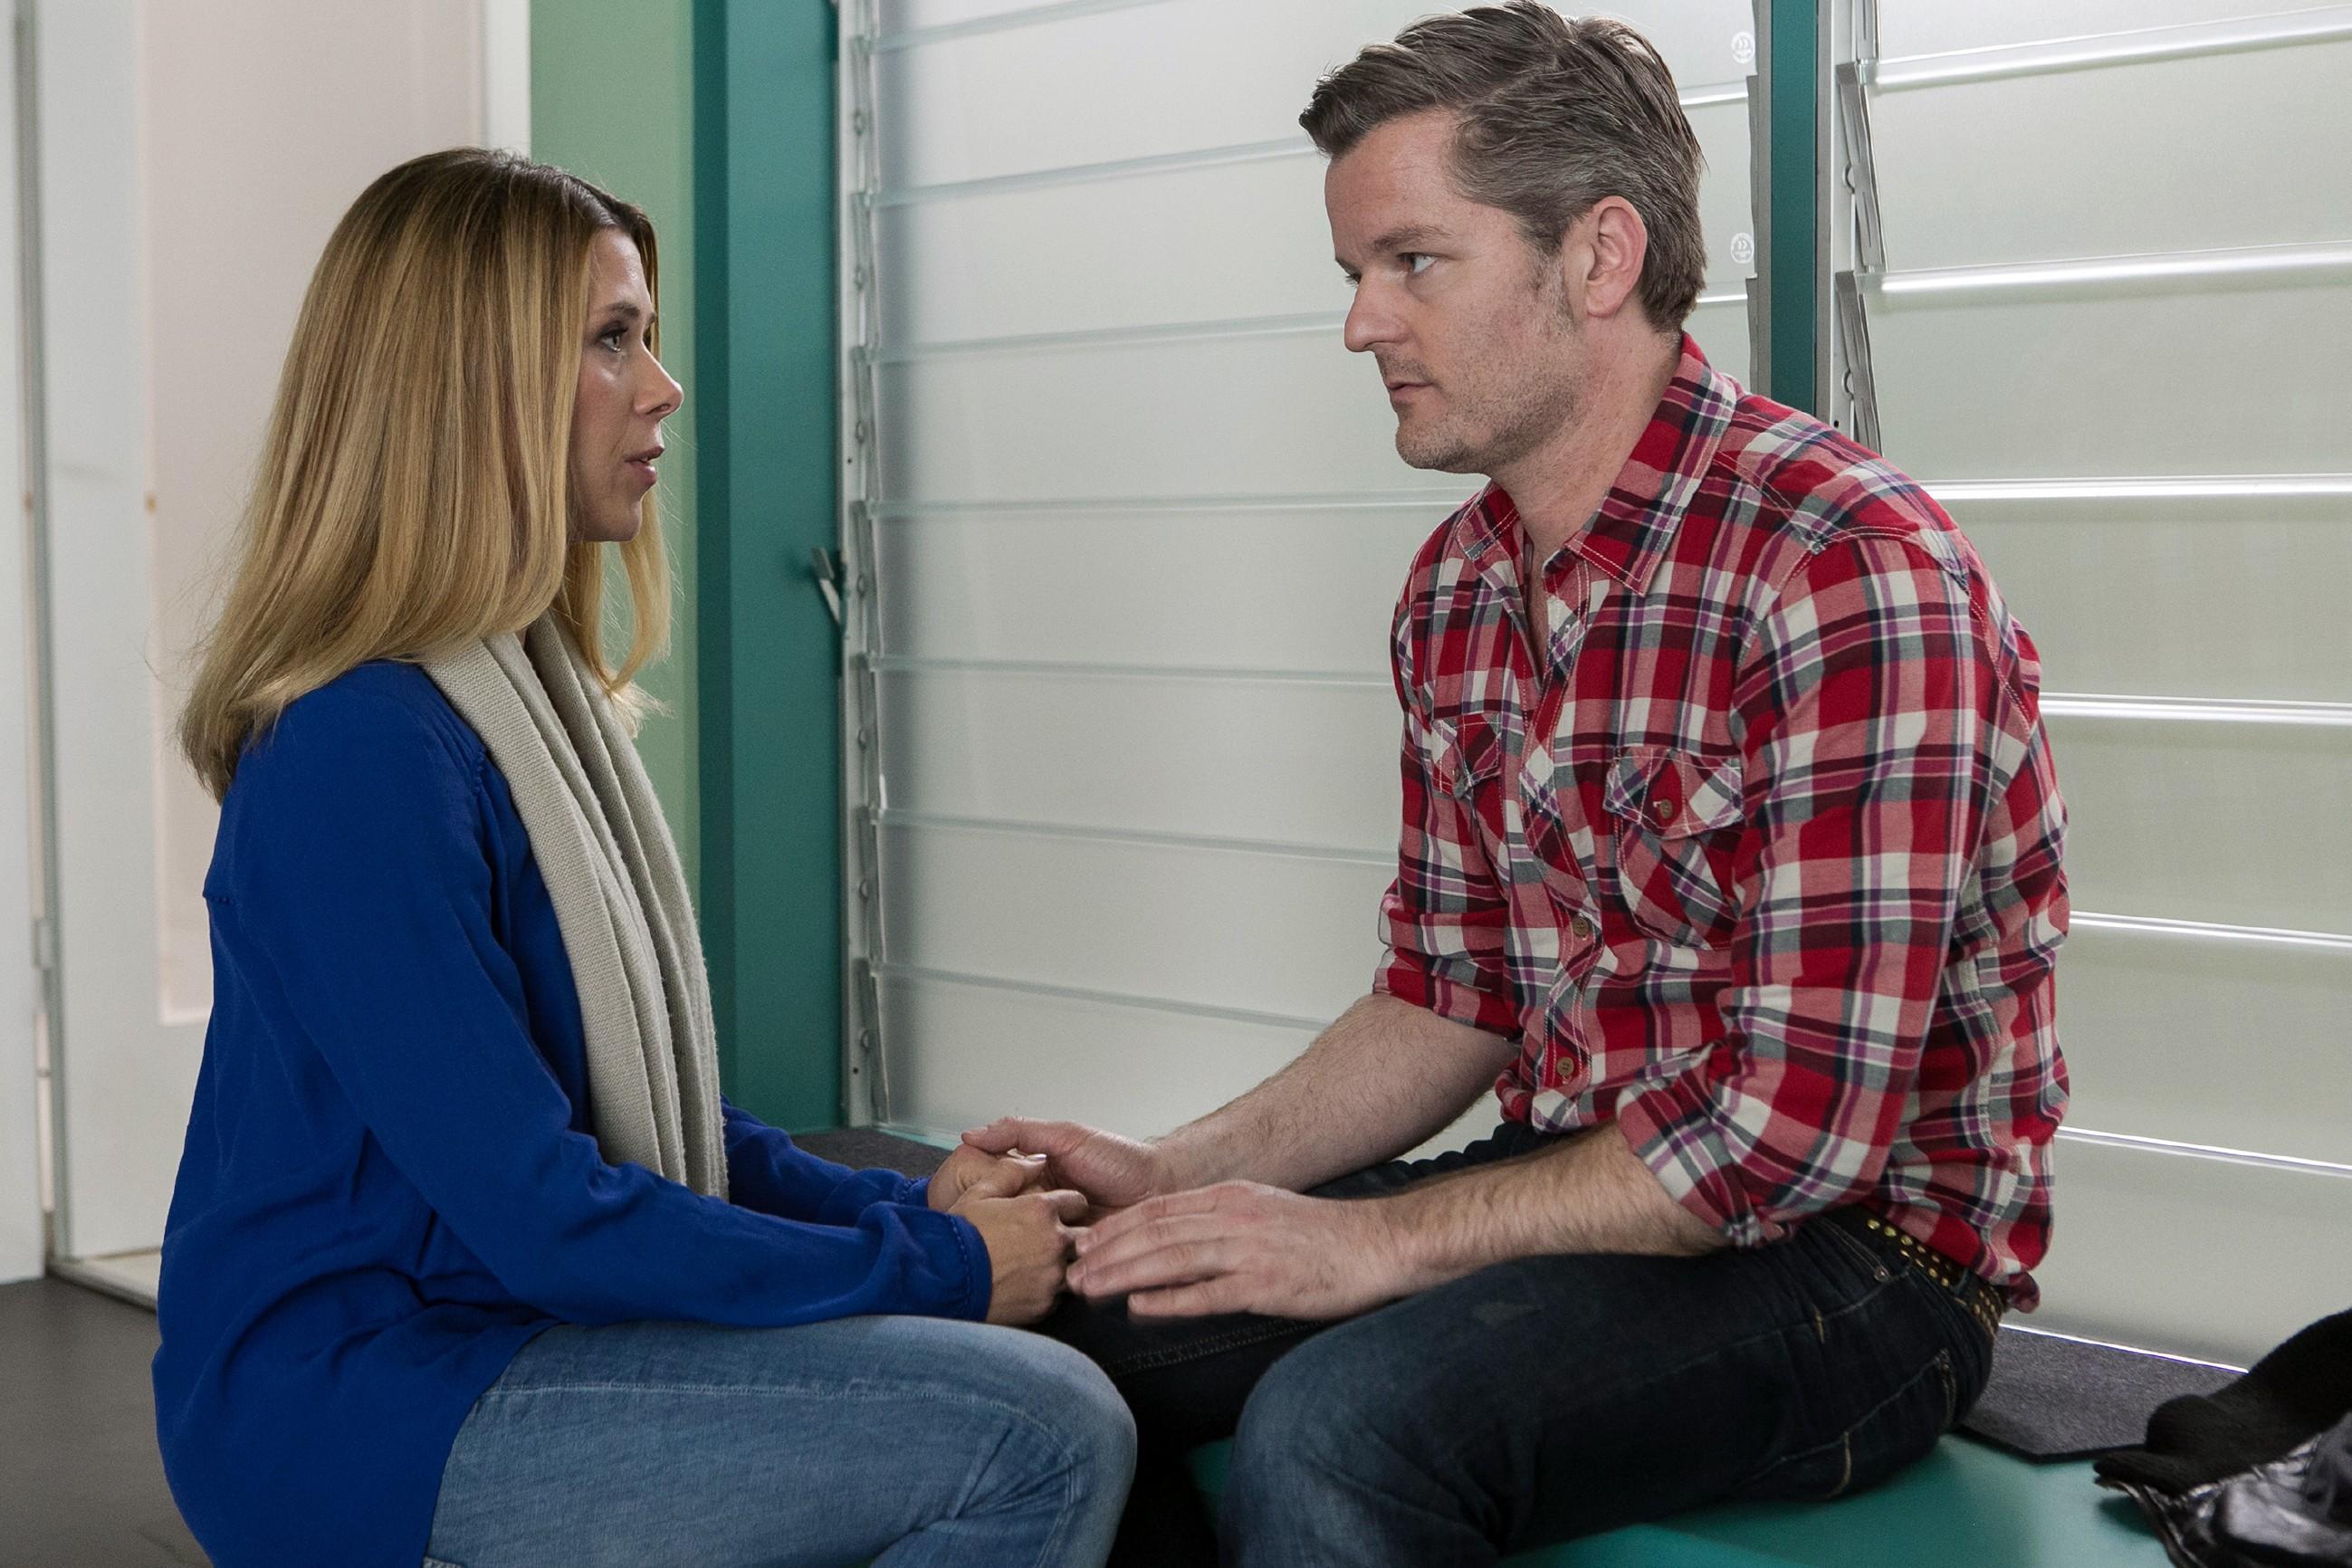 Um Ingo (André Dietz) zu beweisen, dass sie nicht aus Mitleid bei ihm bleibt, macht Diana (Tanja Szewczenko) ihm in seiner dunkelsten Stunde einen bewegenden Heiratsantrag...